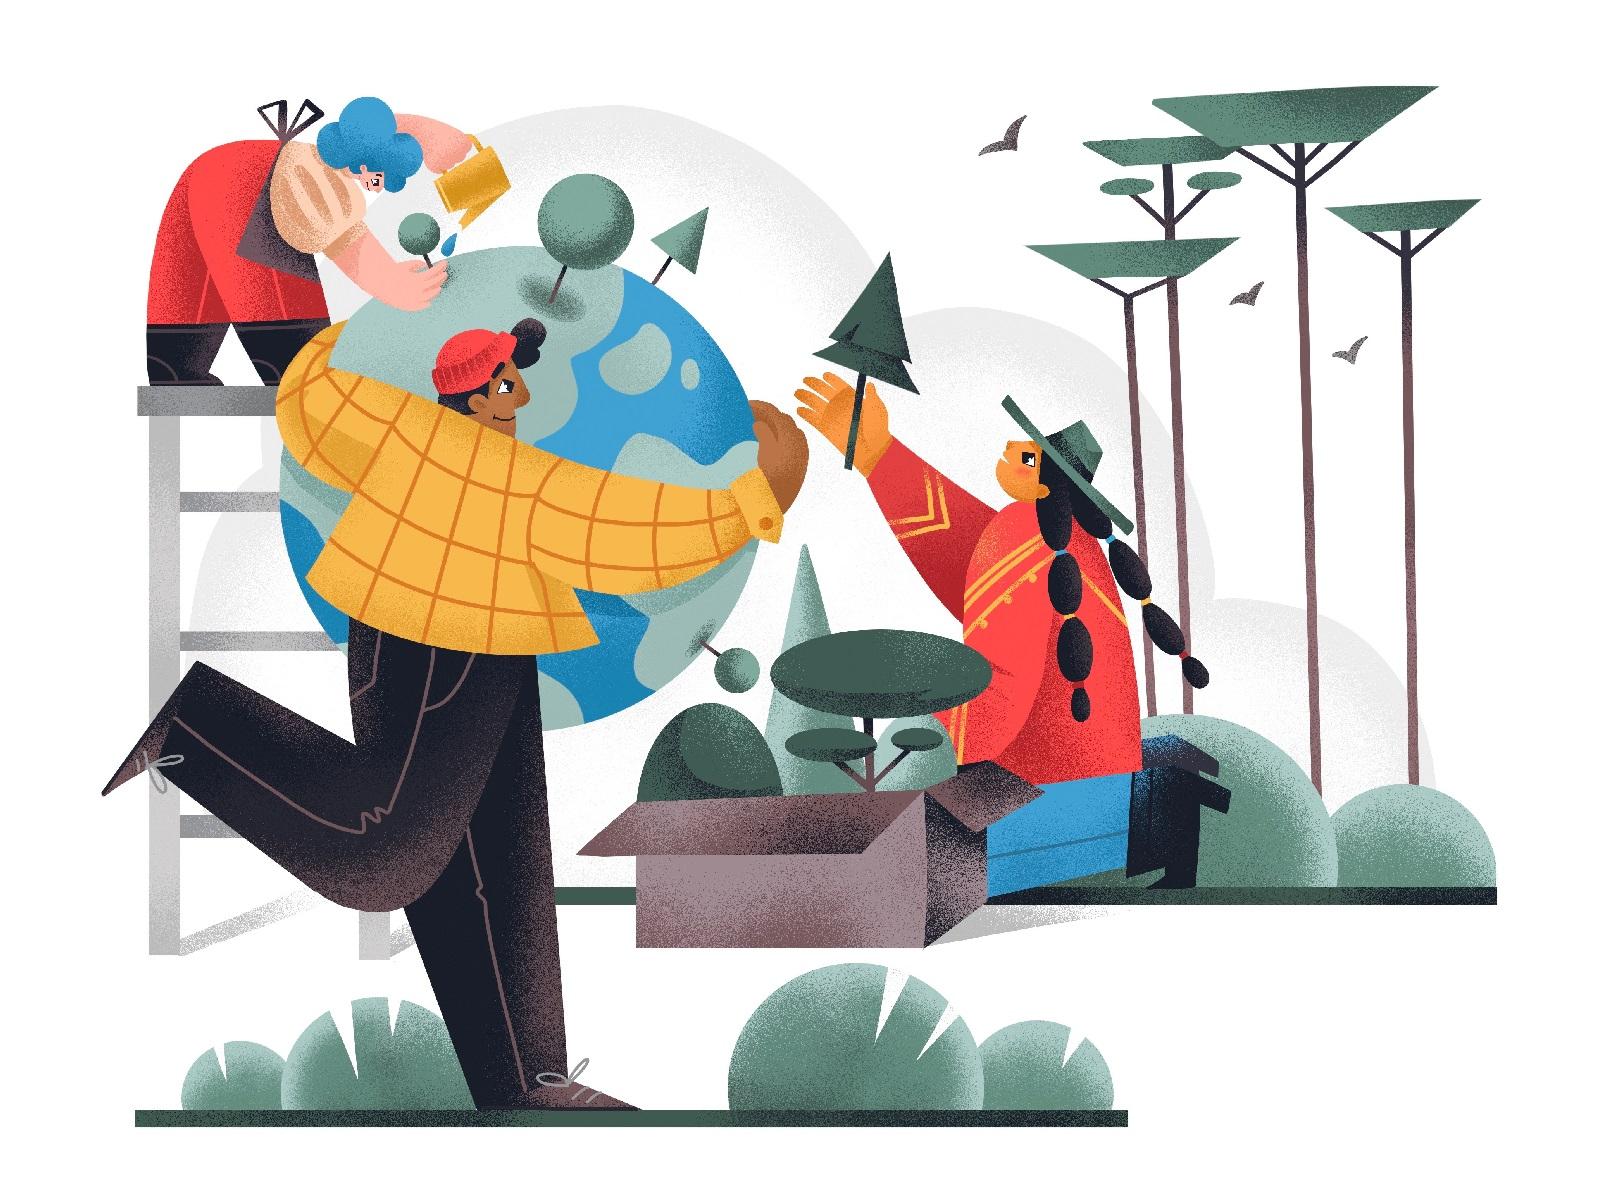 День Земли: иллюстрации, посвященные заботе о нашей планете